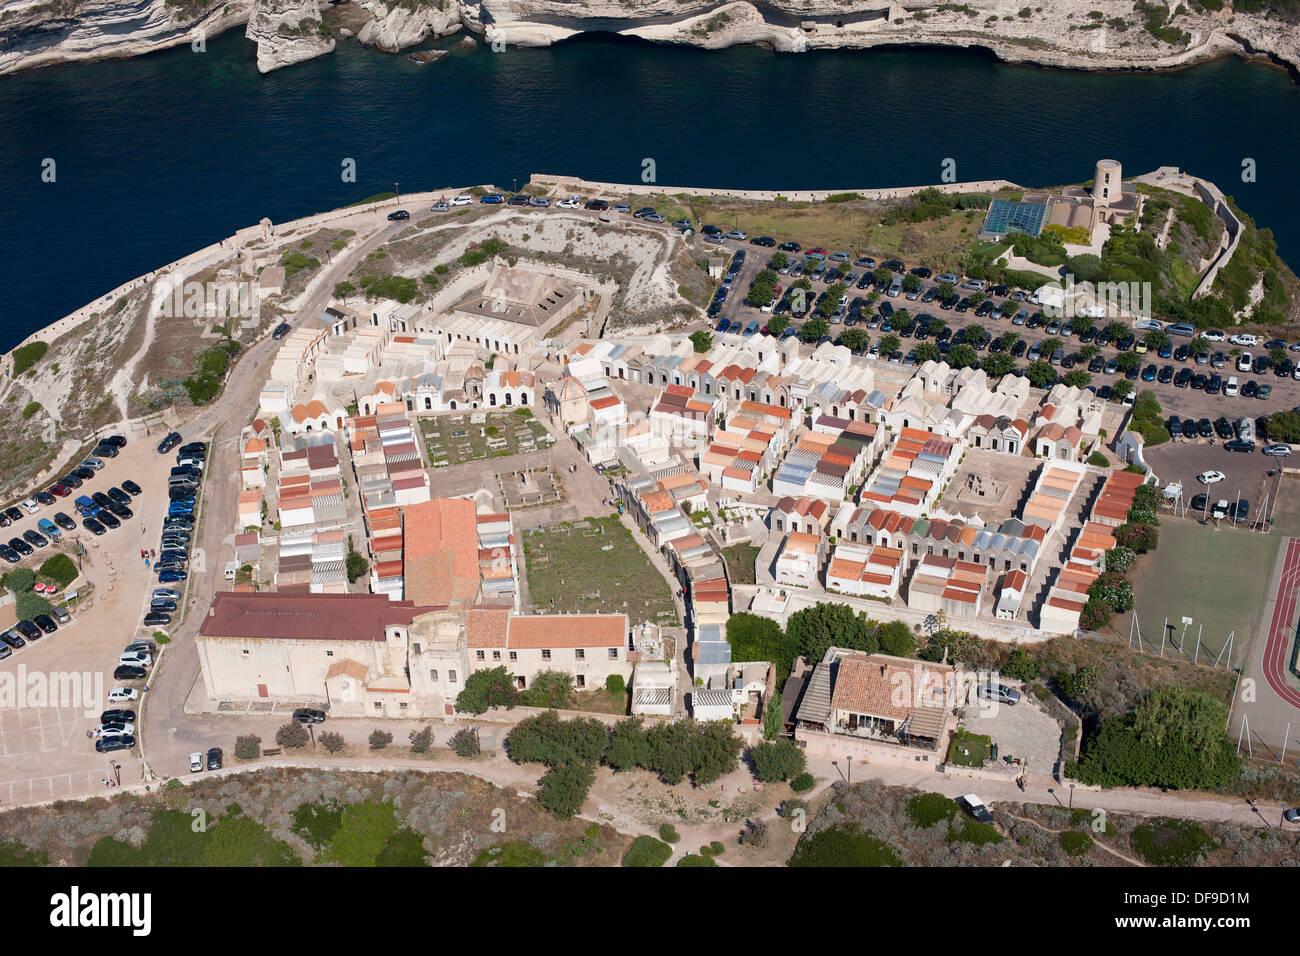 """Cimetière SUR UNE FALAISE DONNANT SUR UNE PRISE D'EAU DE MER (vue aérienne). Le Cimetière marin de Bonifacio, Corse, France"""". Photo Stock"""